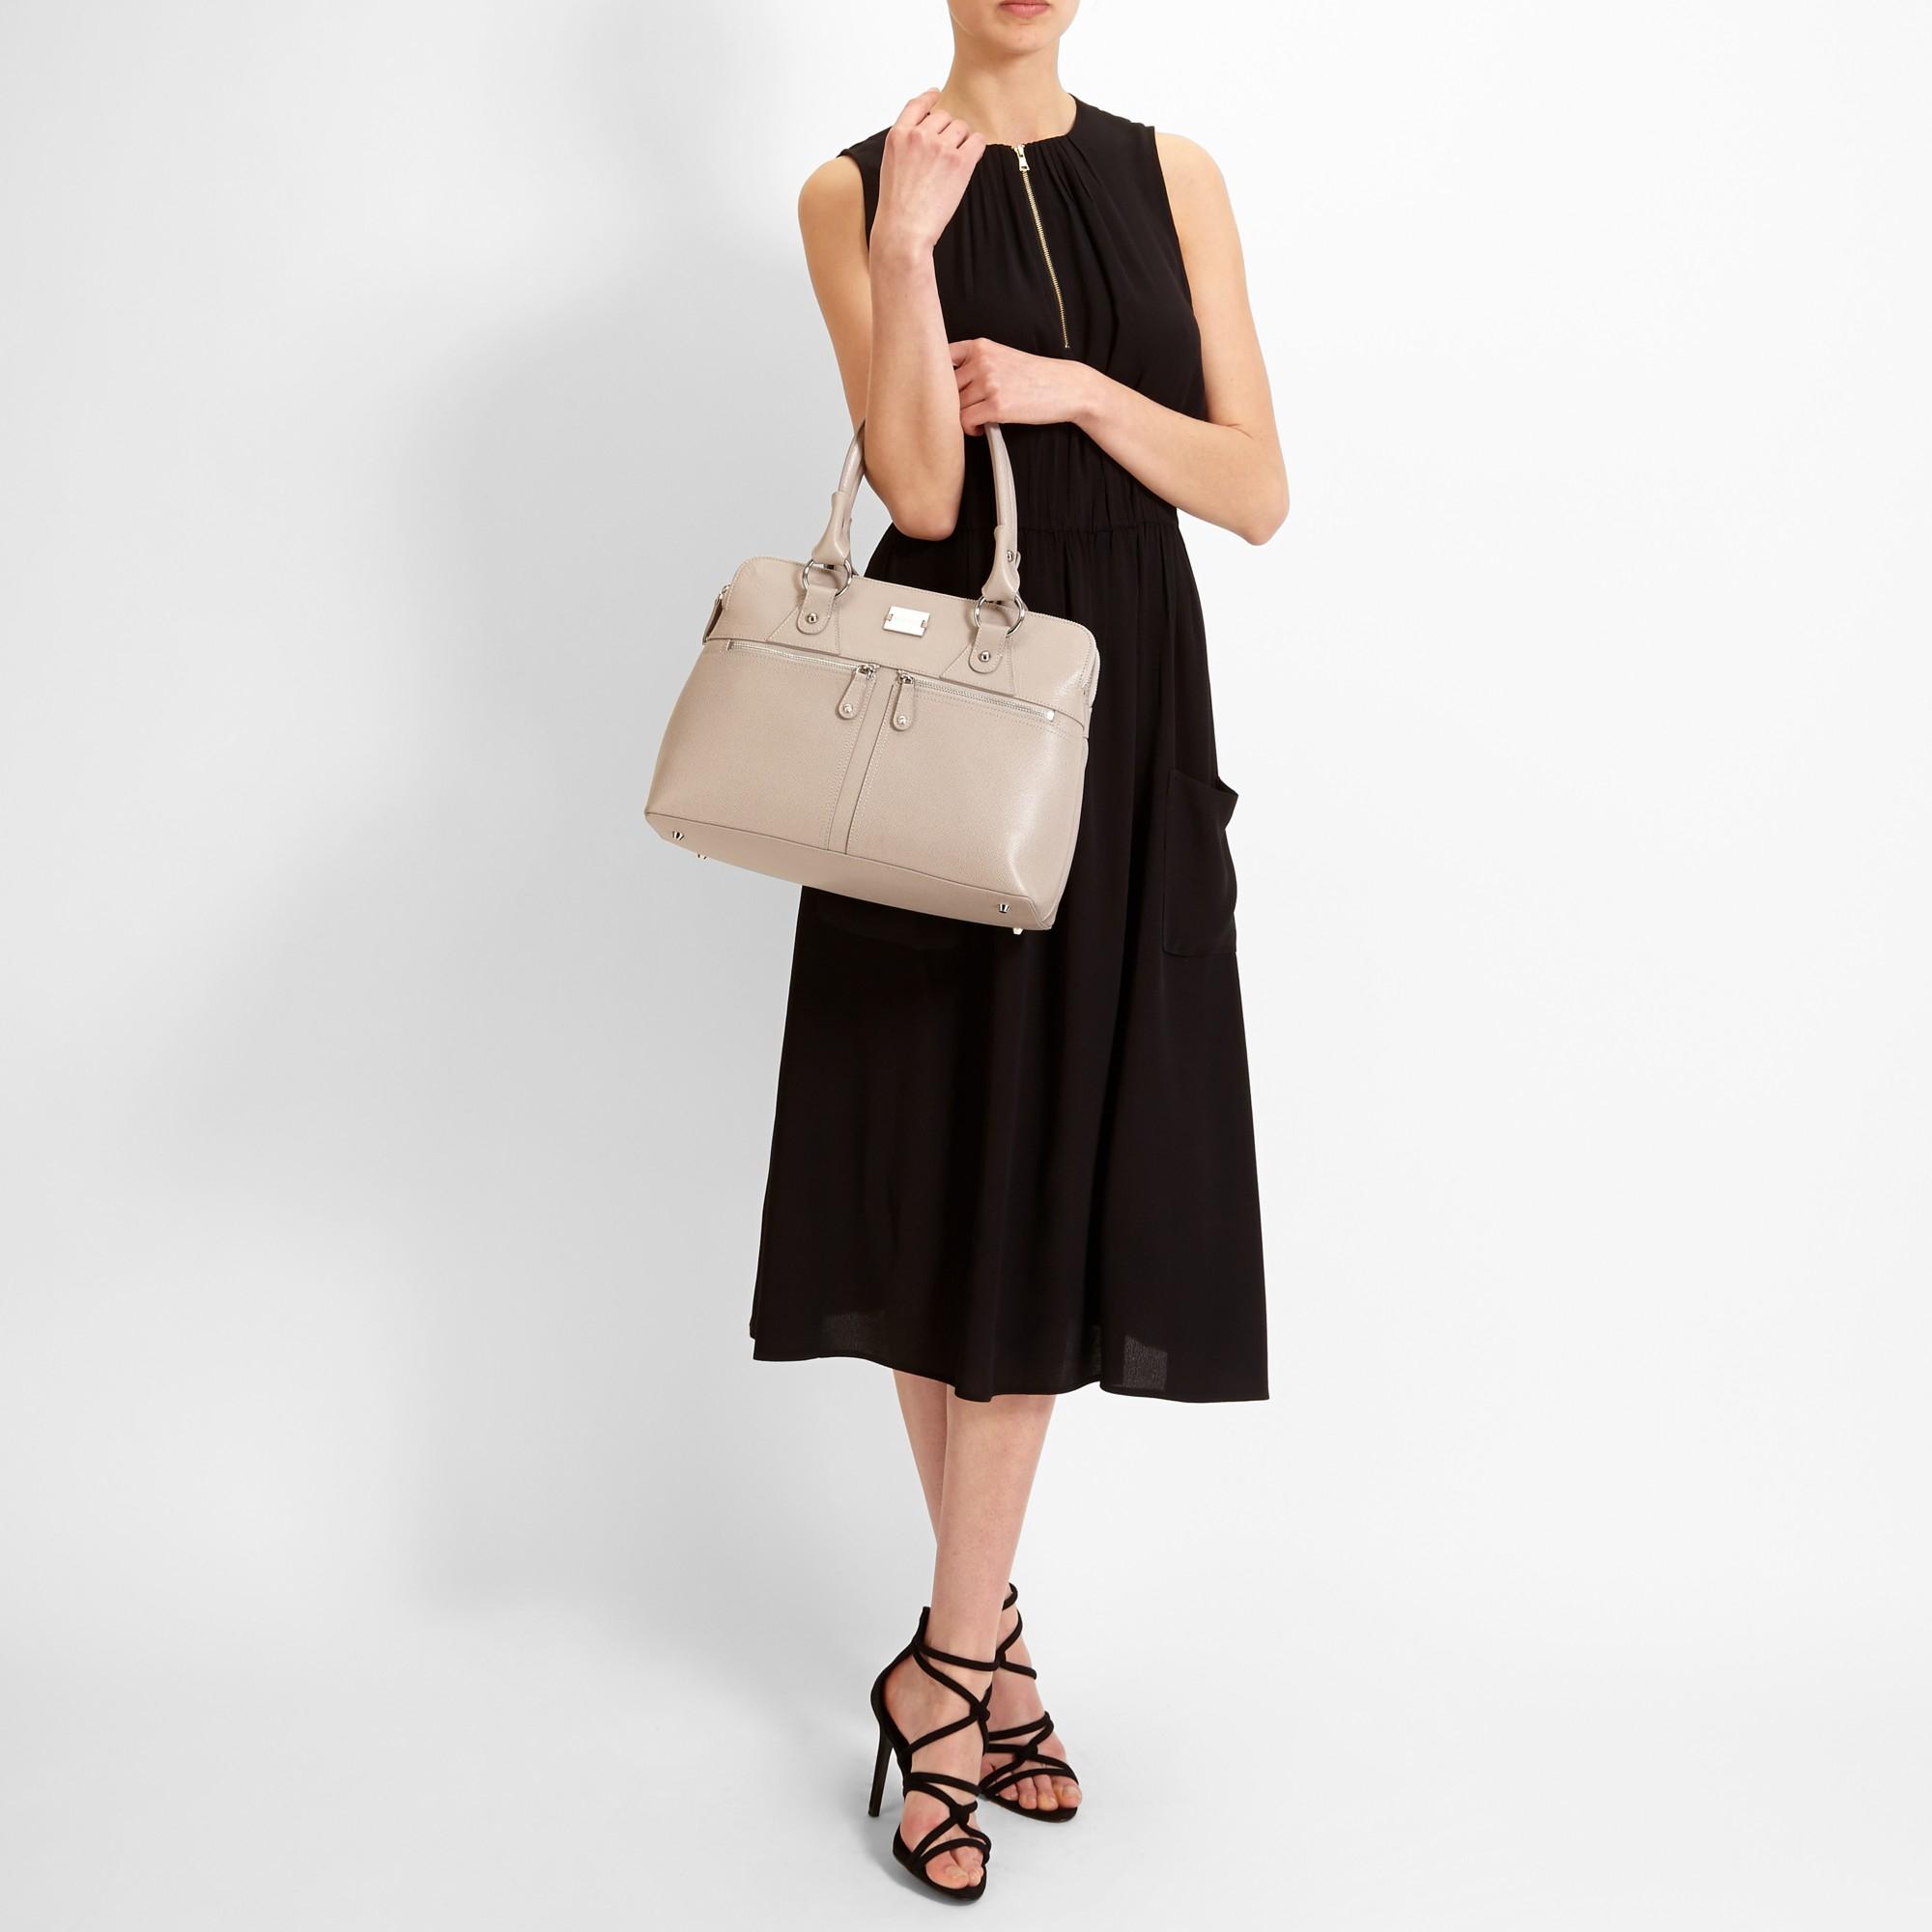 6dc1c505e2 Modalu Pippa Classic Grab Bag in Natural - Lyst